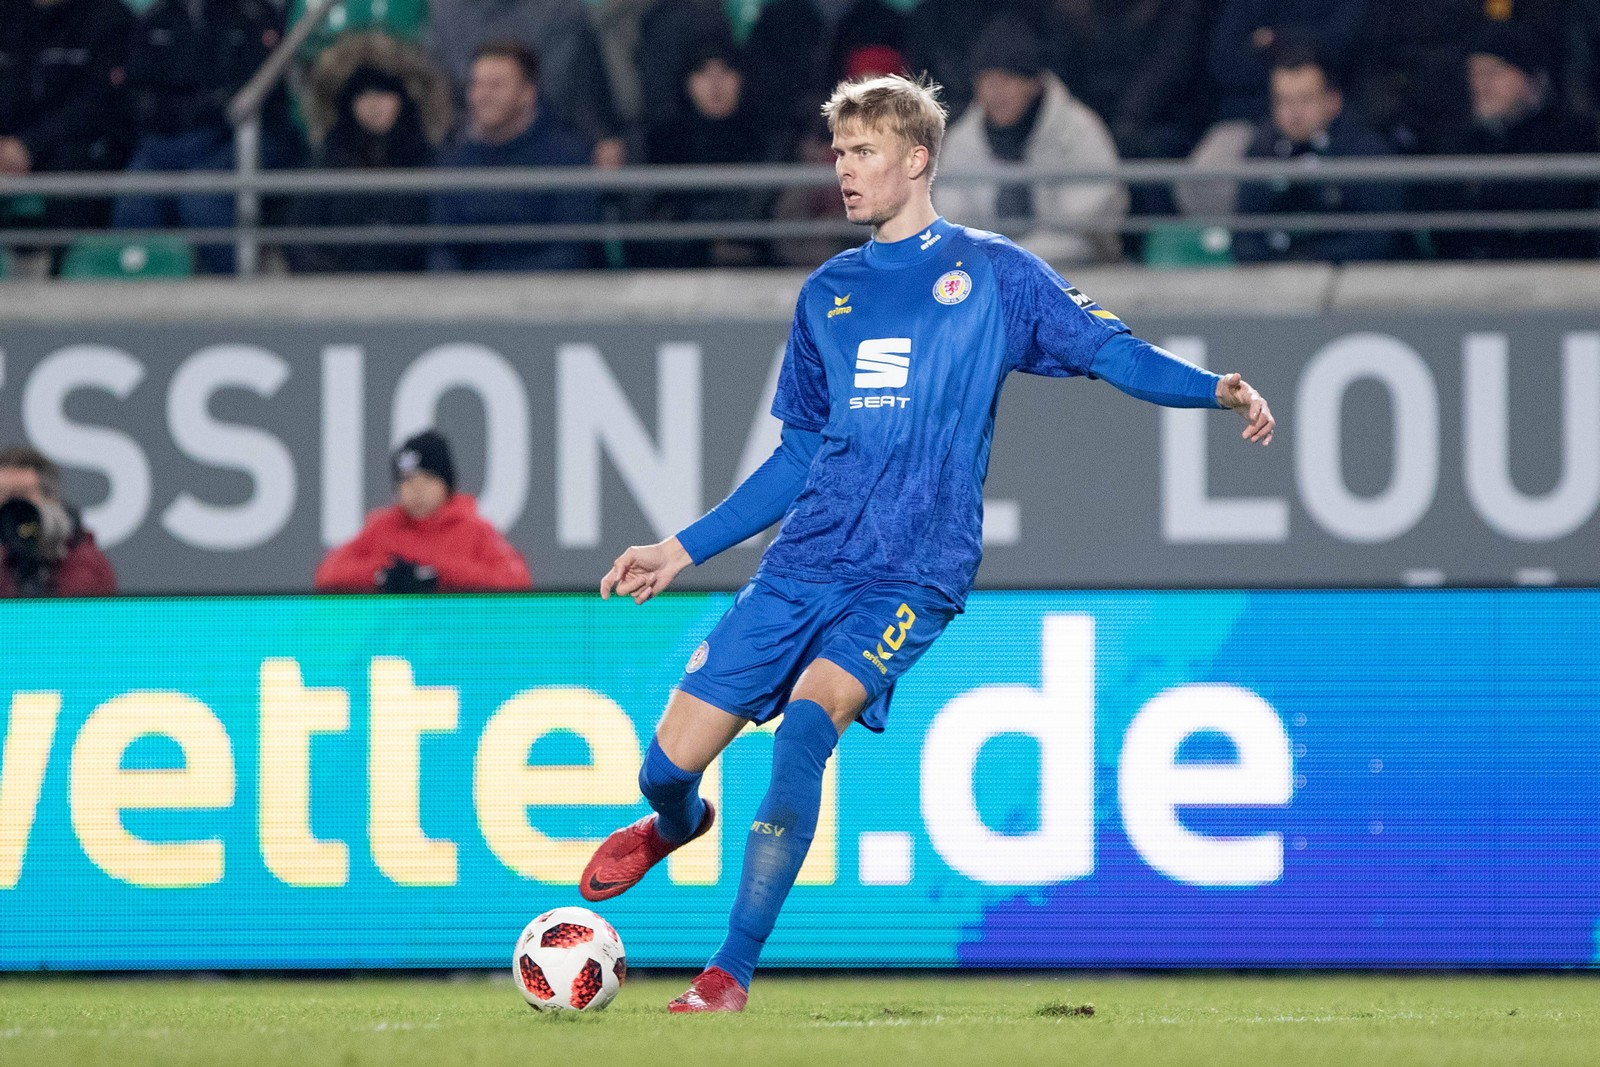 Frederik Tingager im Spiel gegen Preußen Münster.